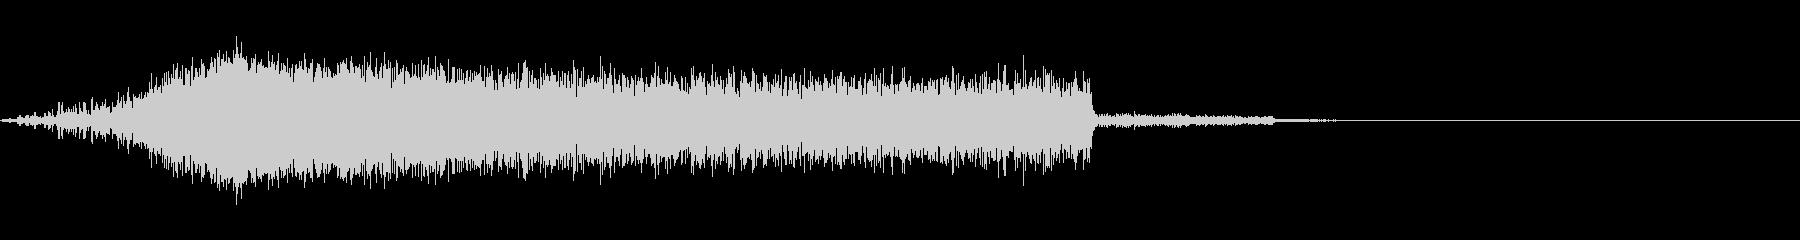 シューッという音EC07_76_2 2の未再生の波形